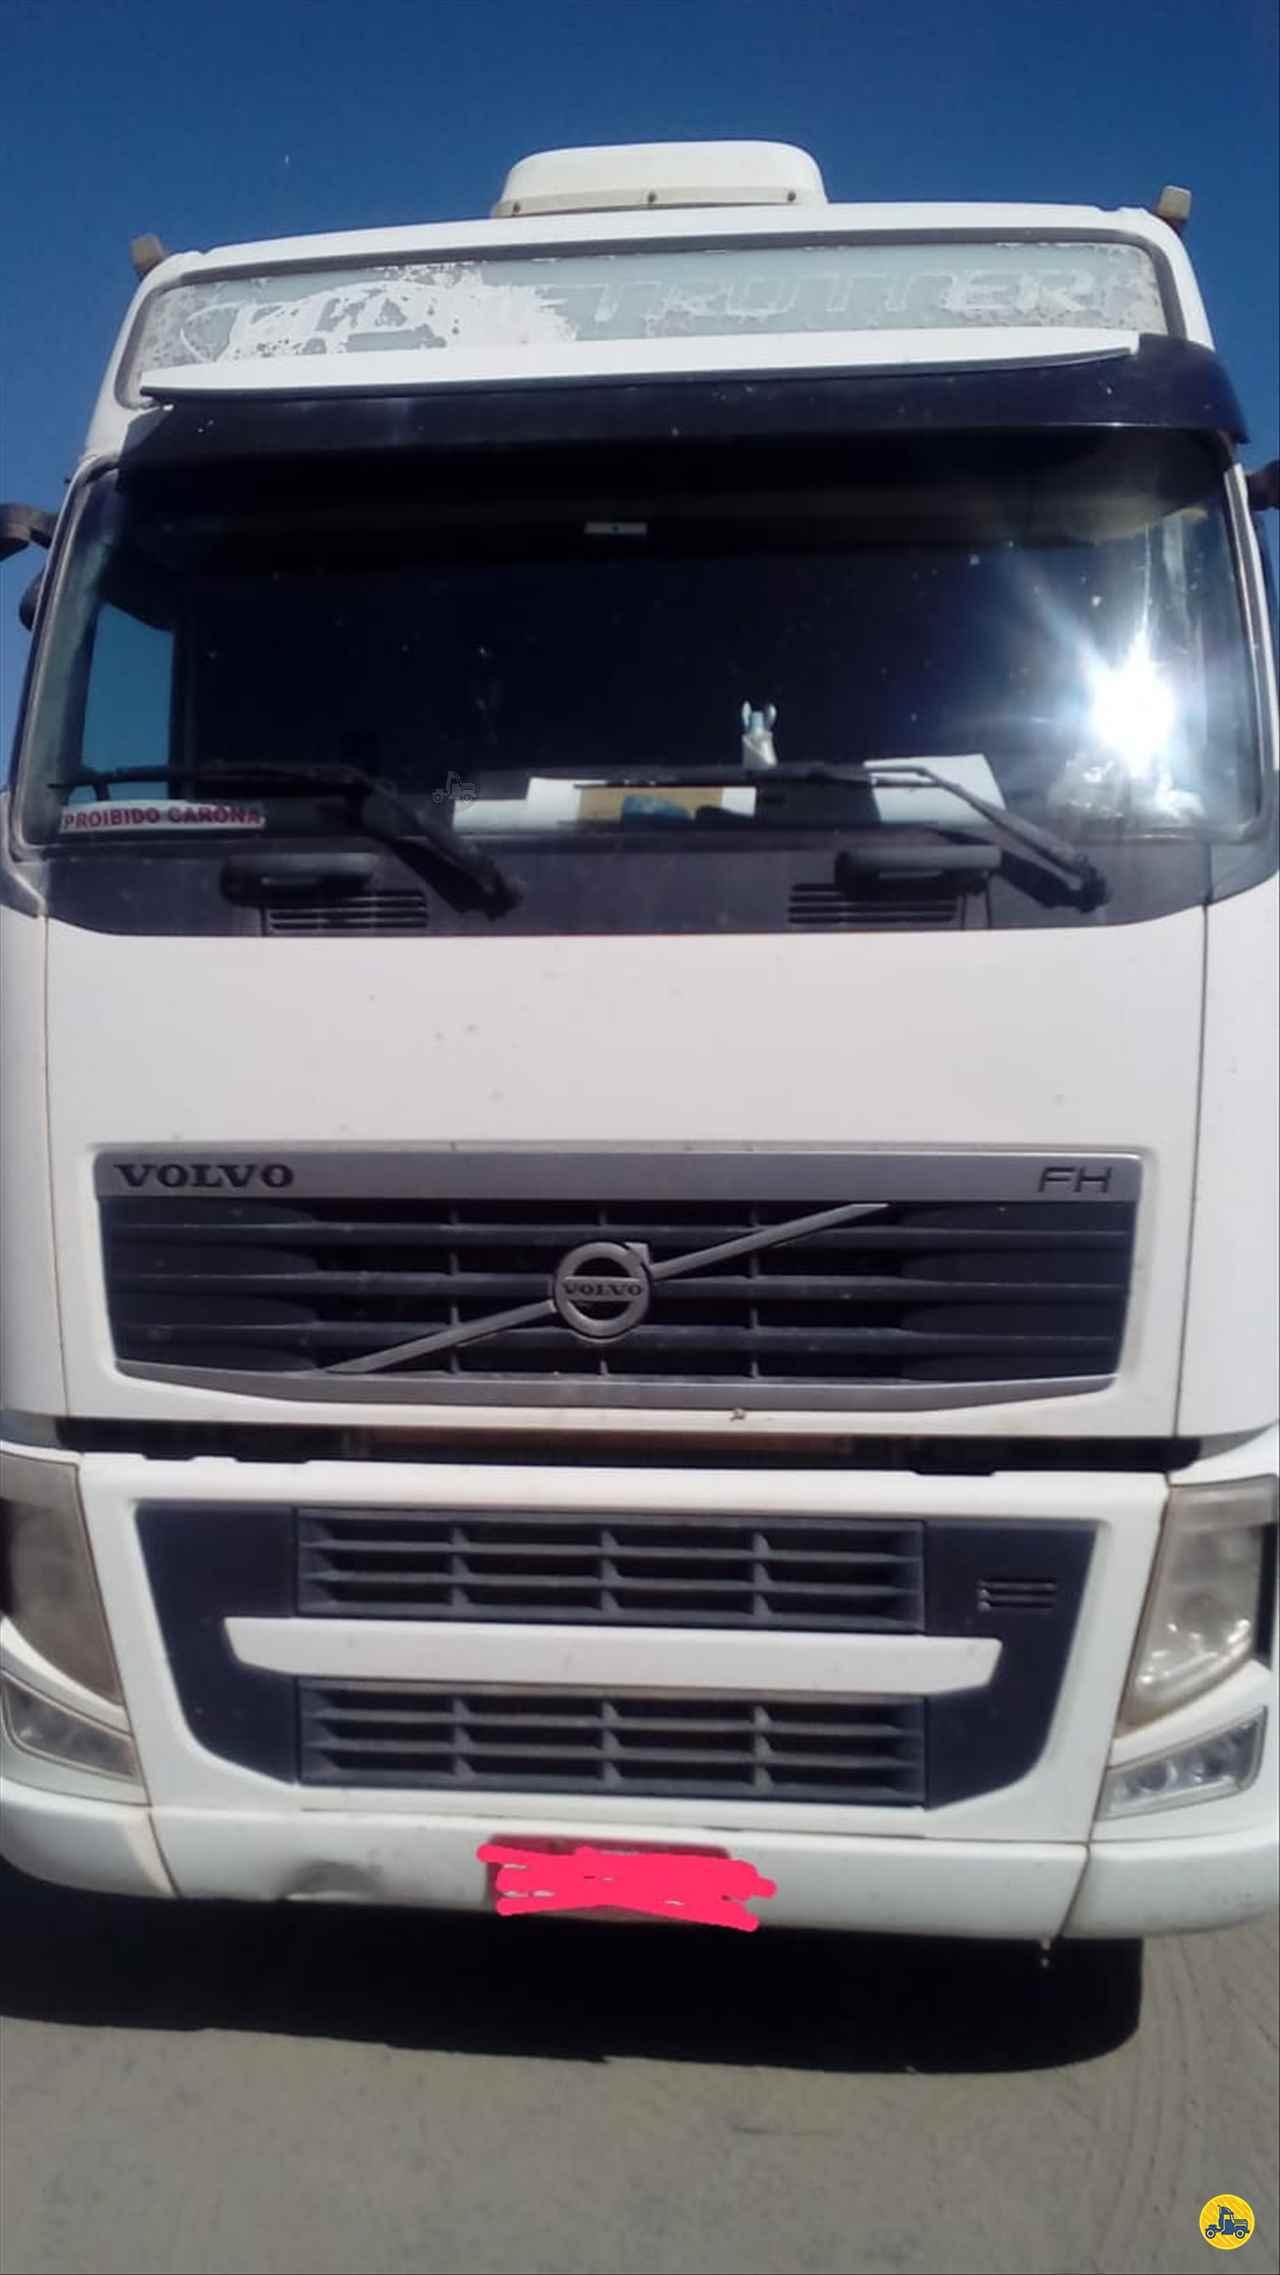 CAMINHAO VOLVO VOLVO FH 460 Cavalo Mecânico Truck 6x2 Cotral Caminhões SERRA DO SALITRE MINAS GERAIS MG